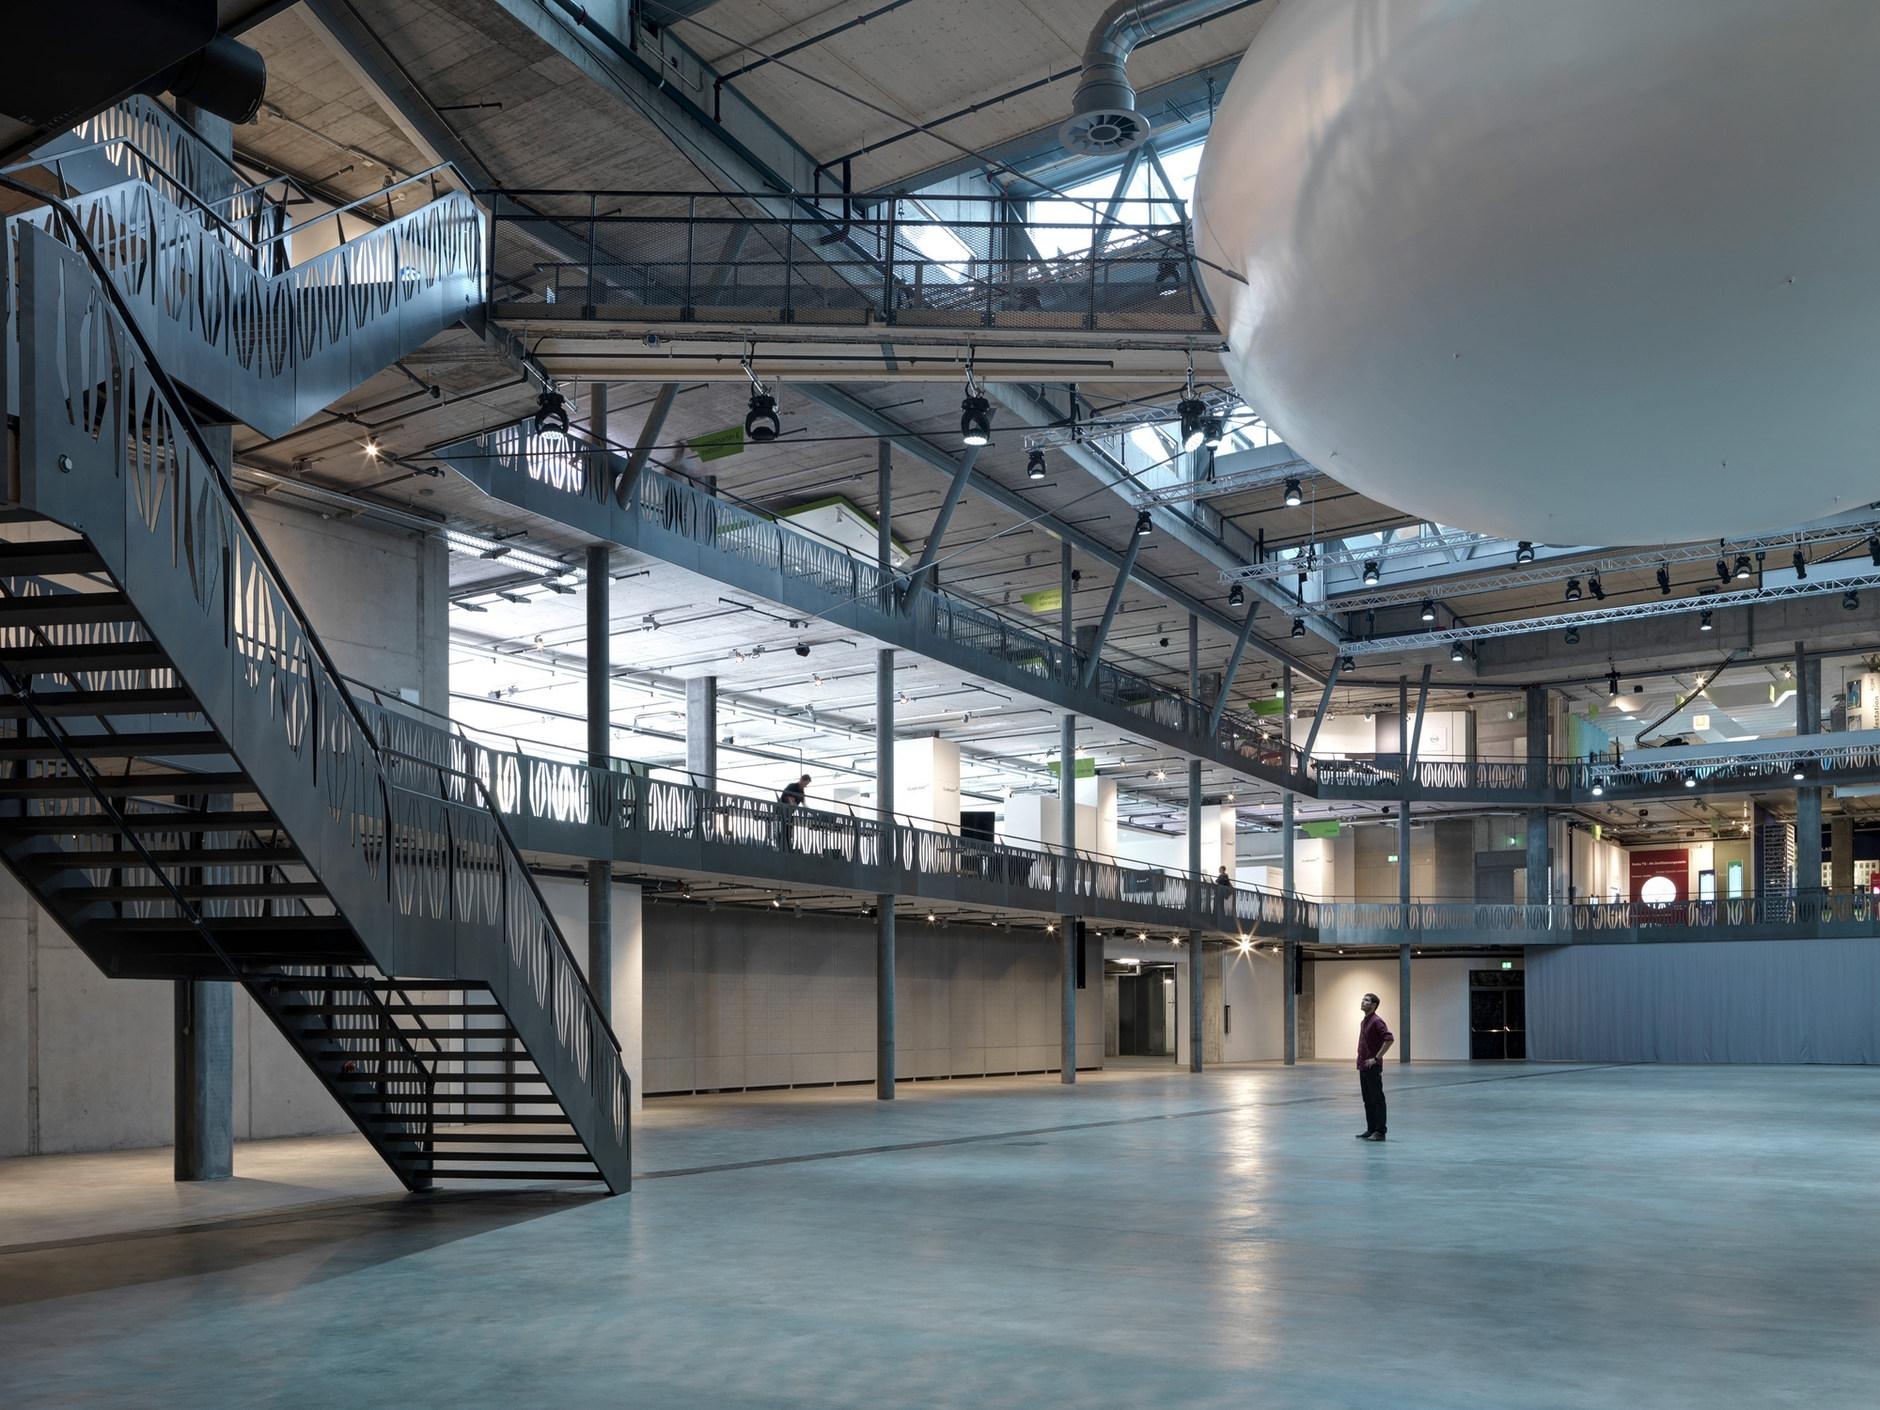 Umwelt Arena By Rene Schmid Architekten Karmatrendz